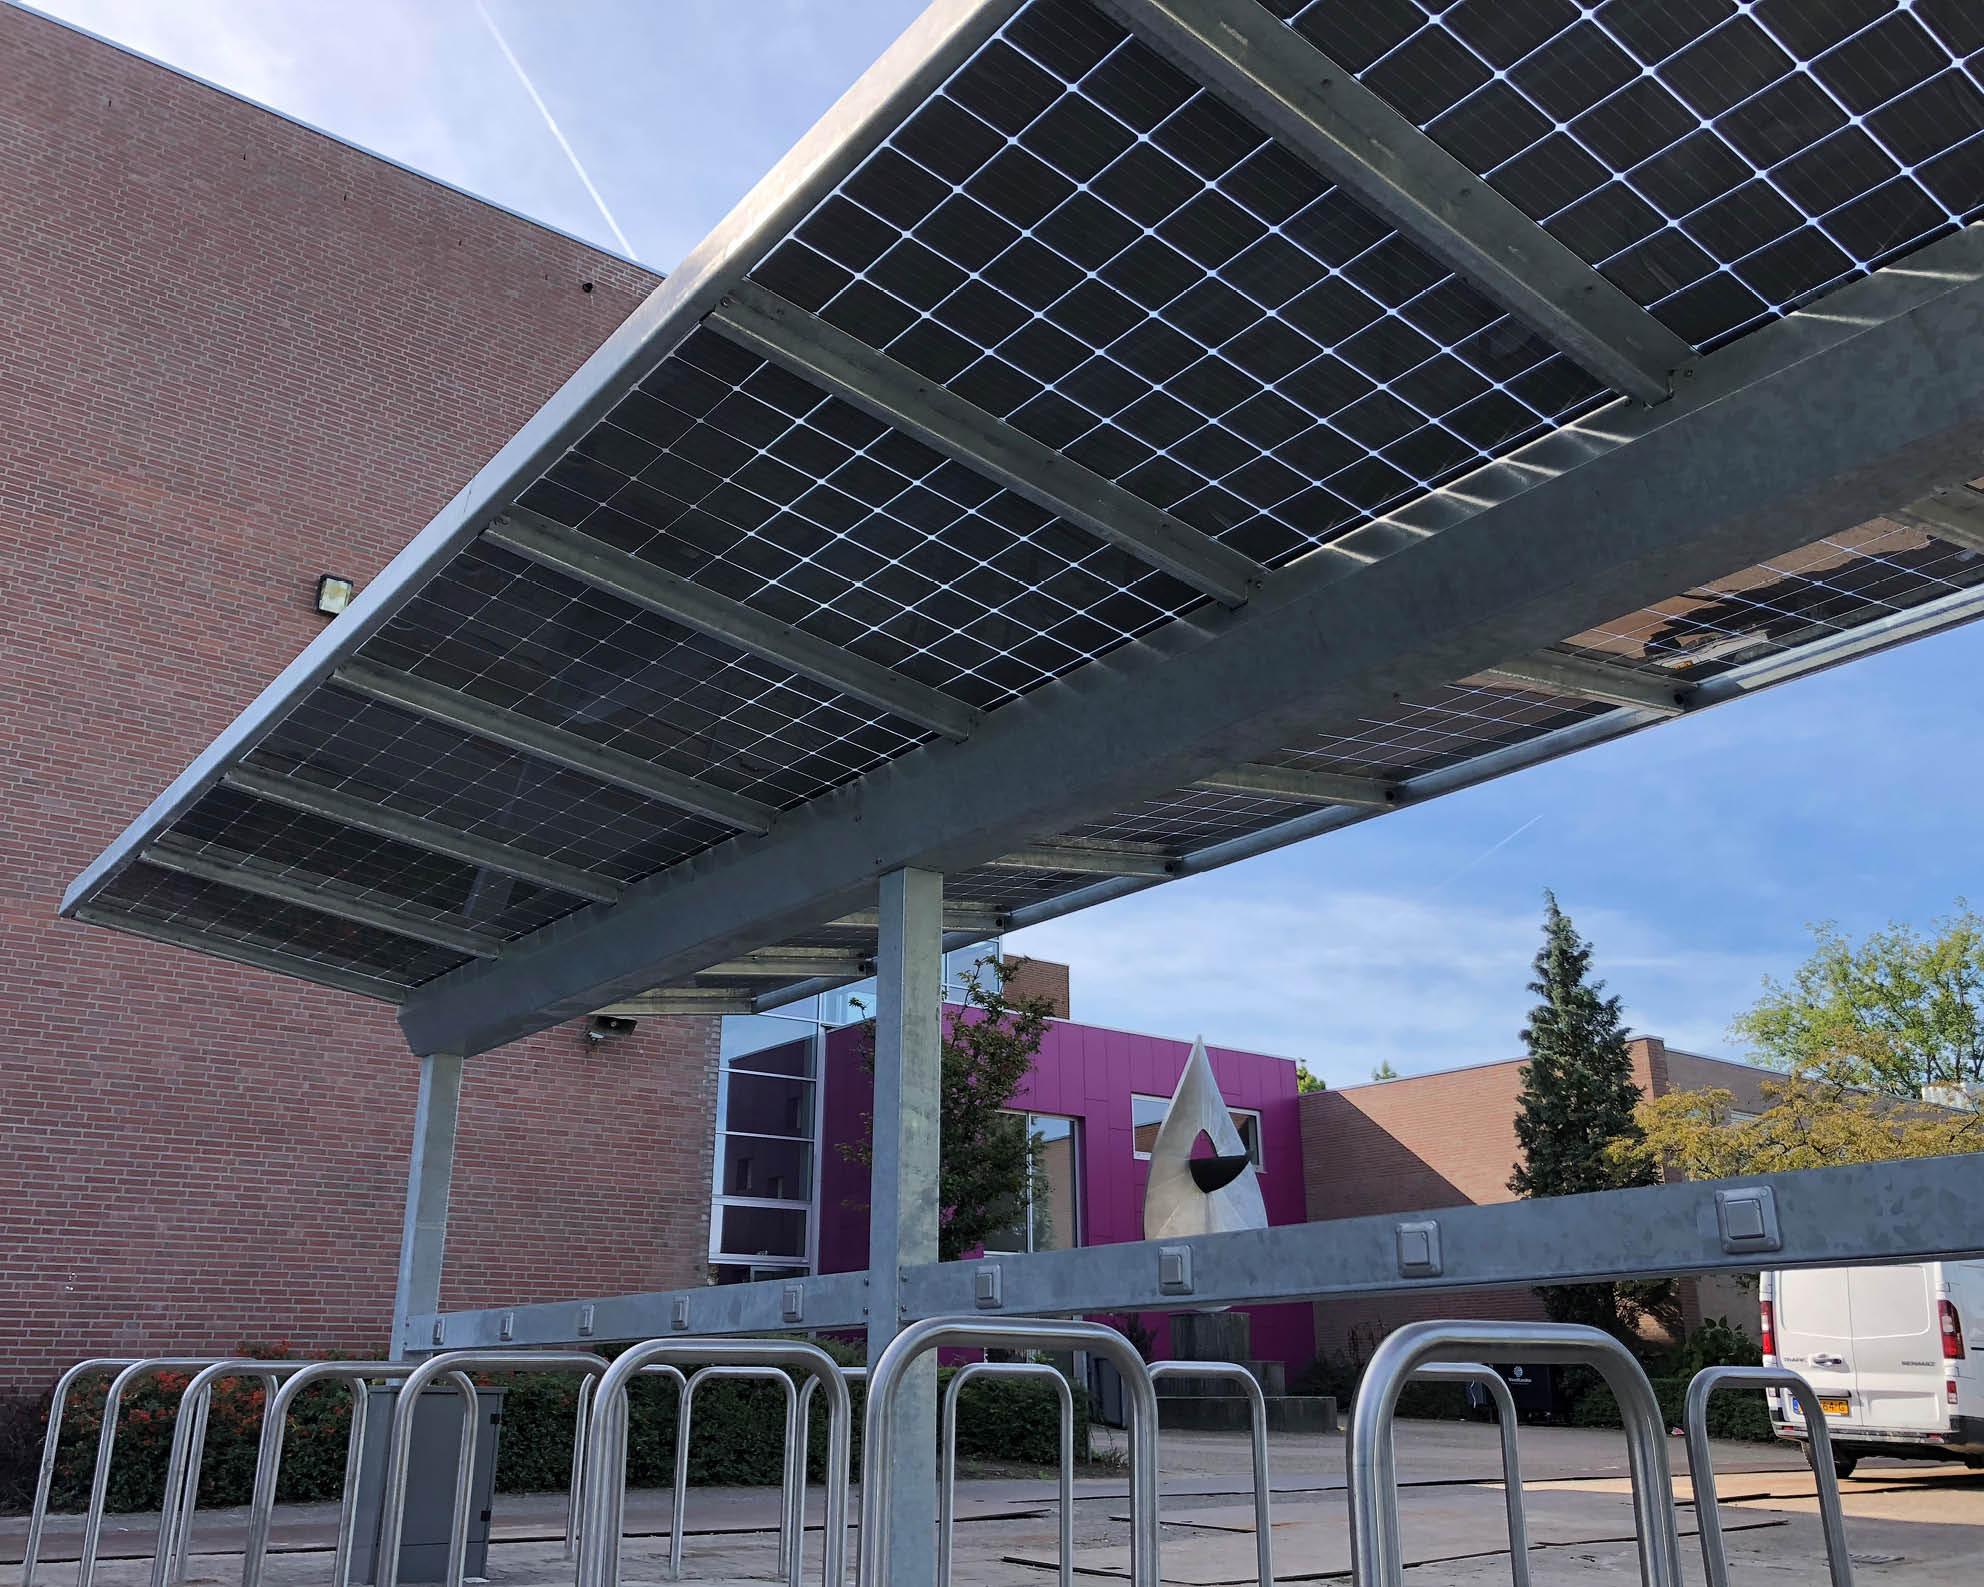 Fietsenstalling zonne-energie